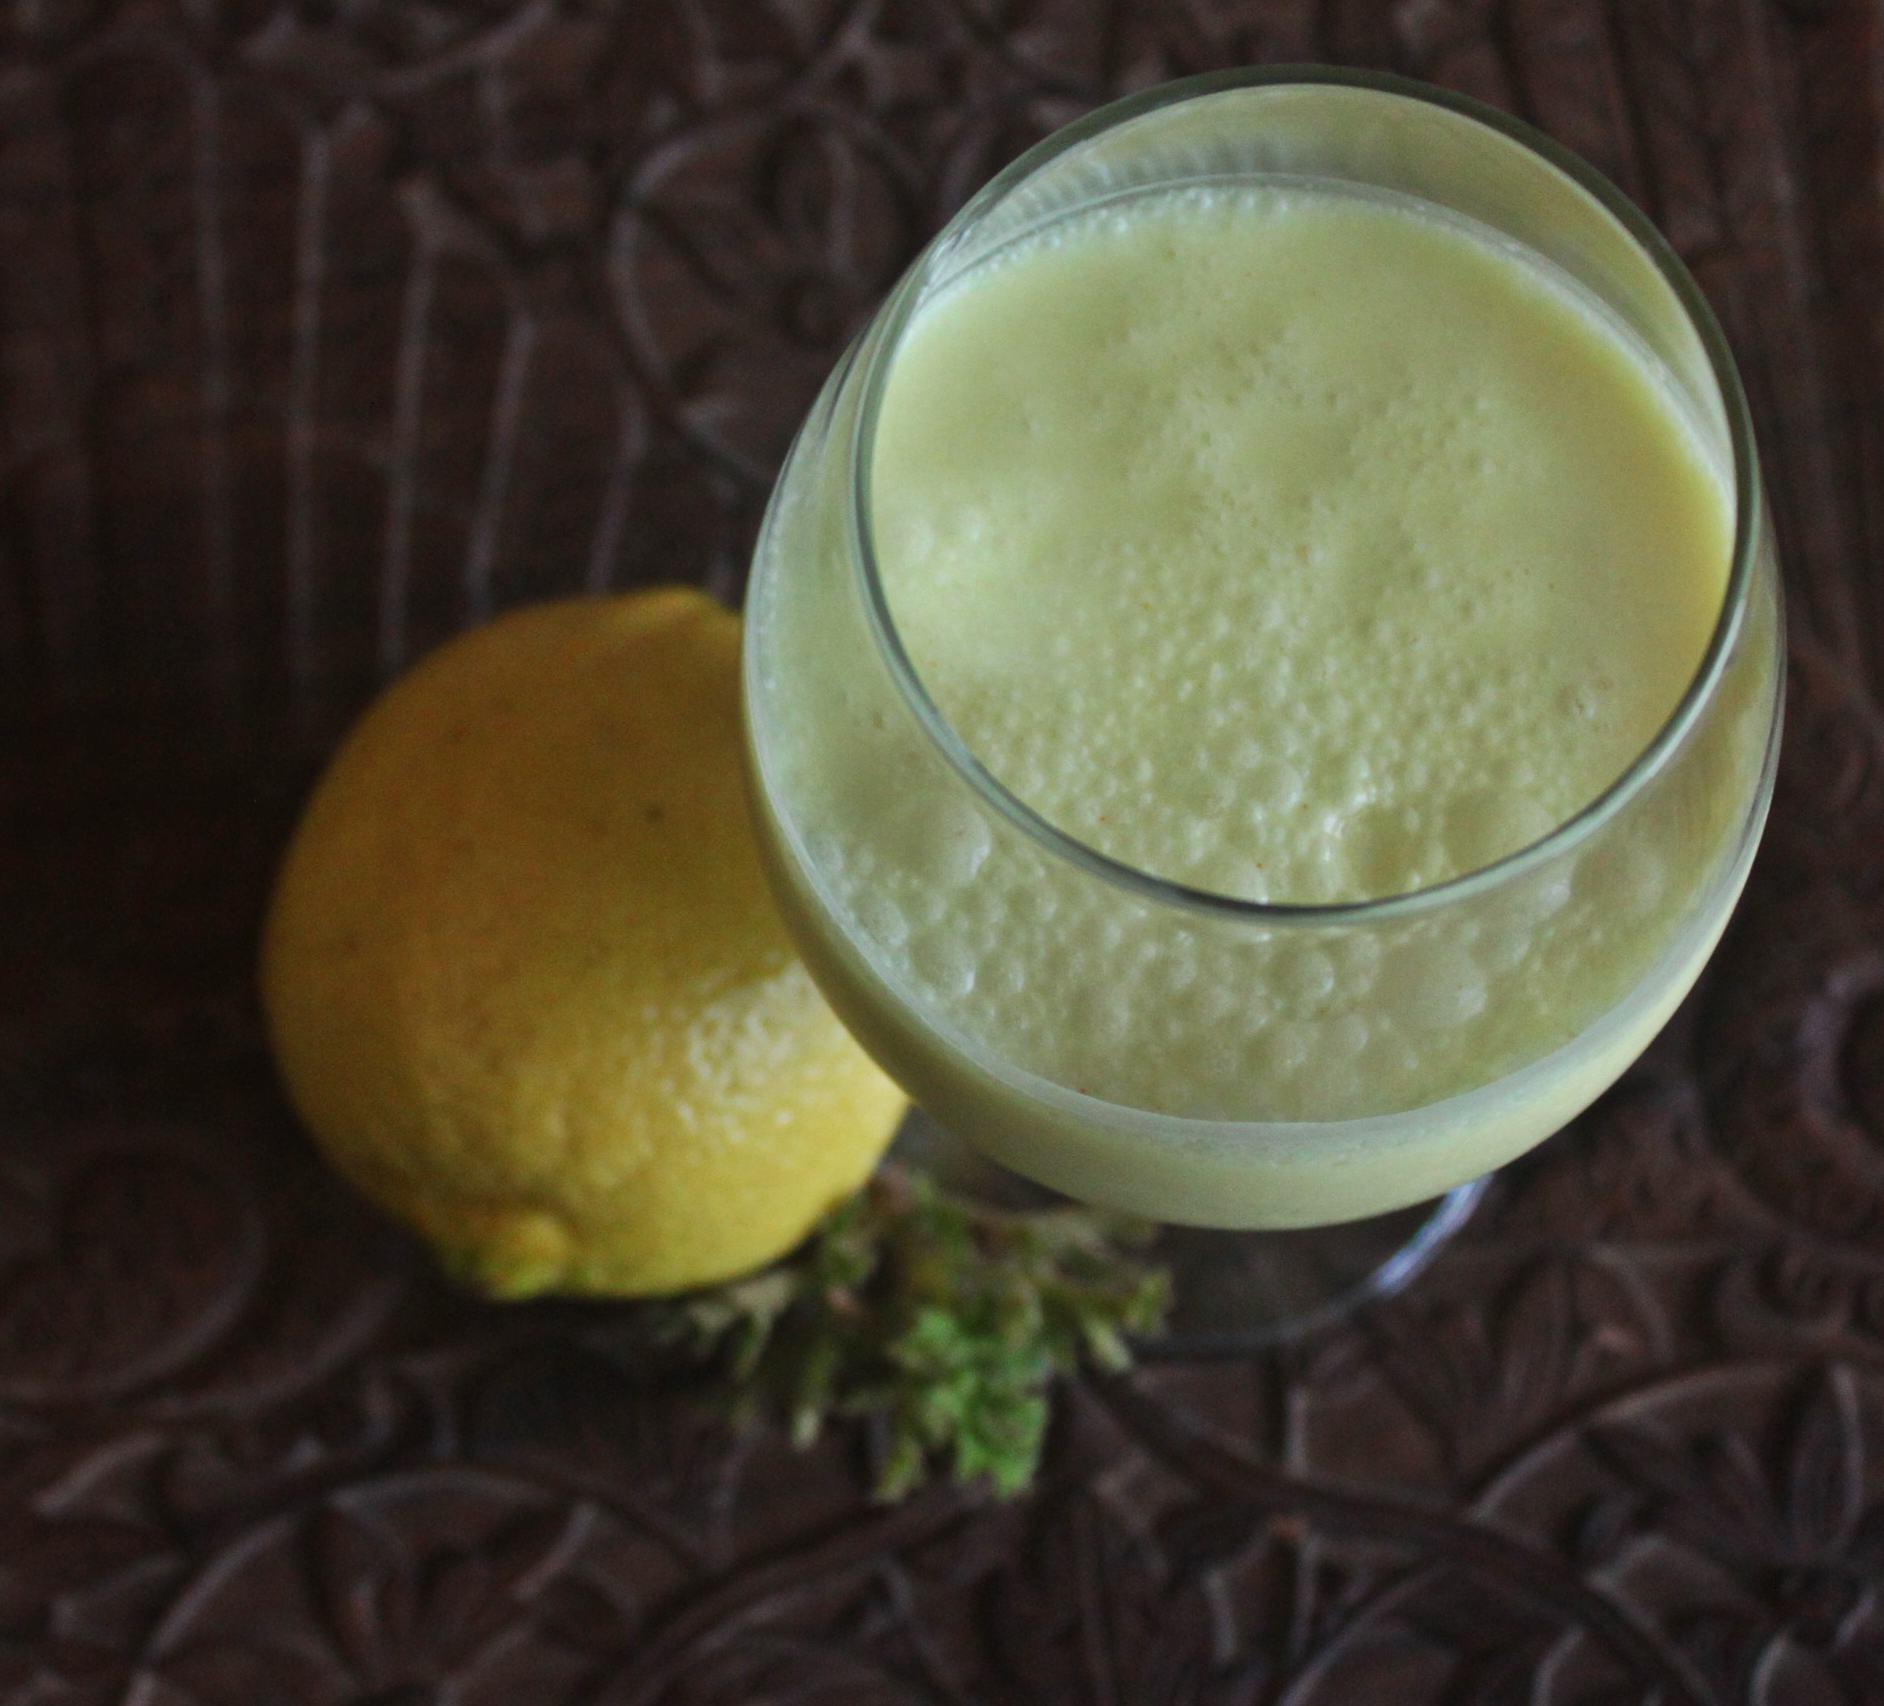 לאסי טבעוני טעיםםםם (ללא חלב או סוכר)